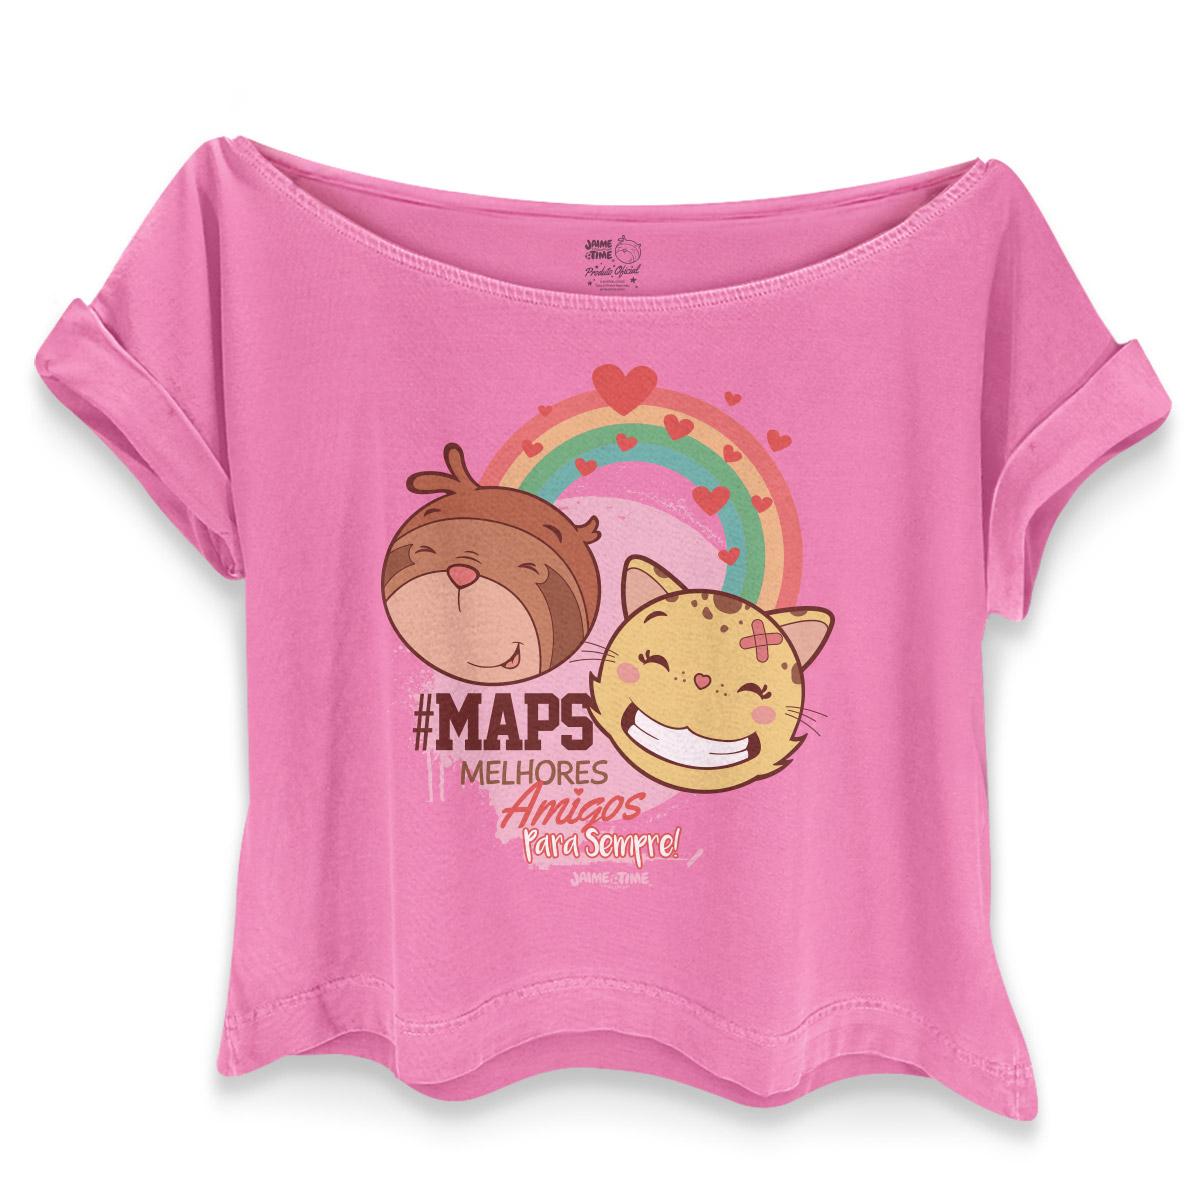 T-shirt Premium Feminina Jaime #Maps